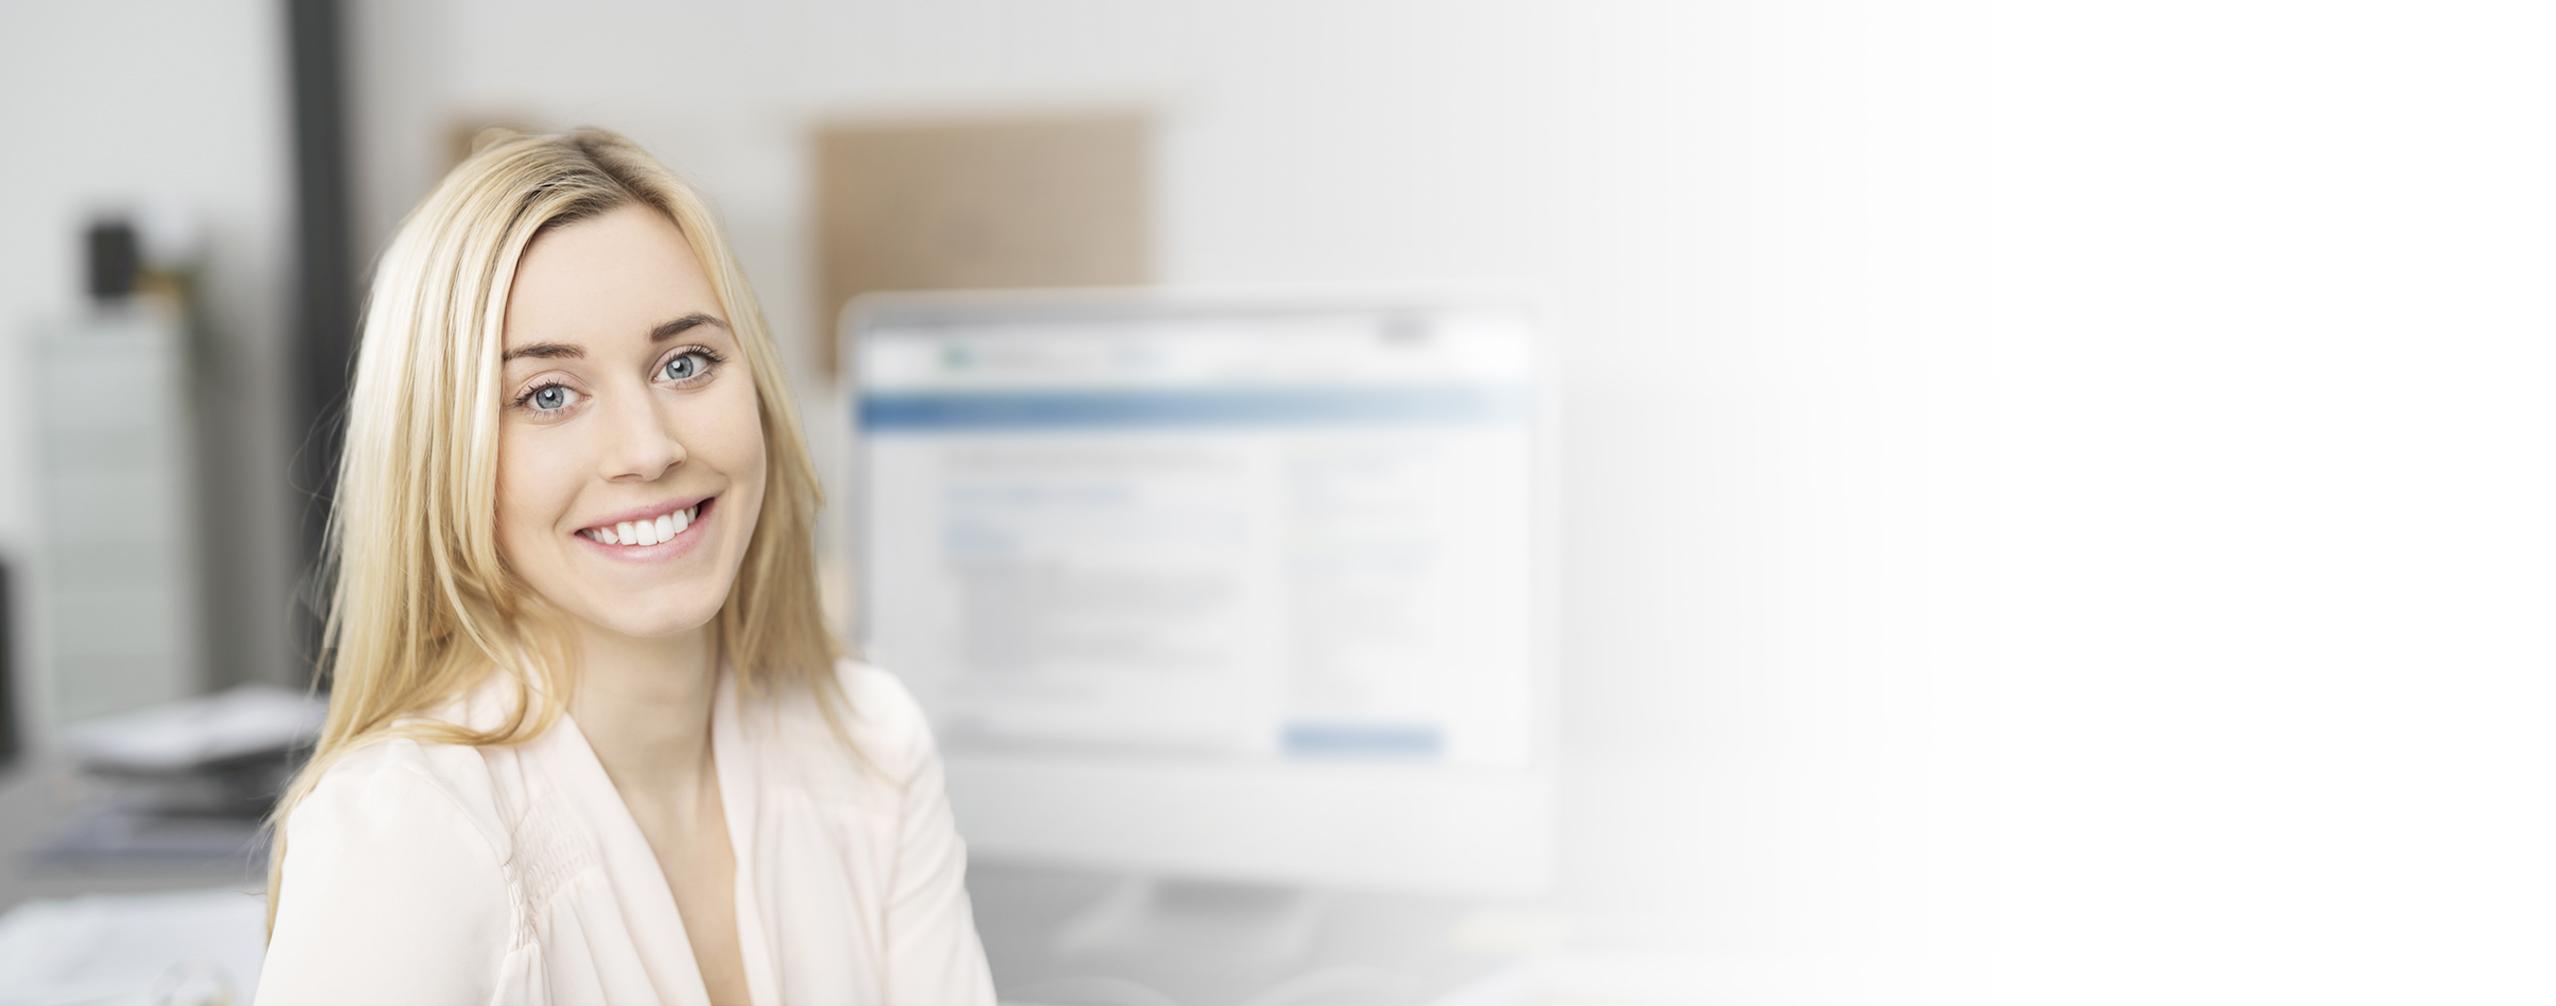 Fachanwaltsausbildung und Fortbildung für Fachanwälte - Akademie für ...